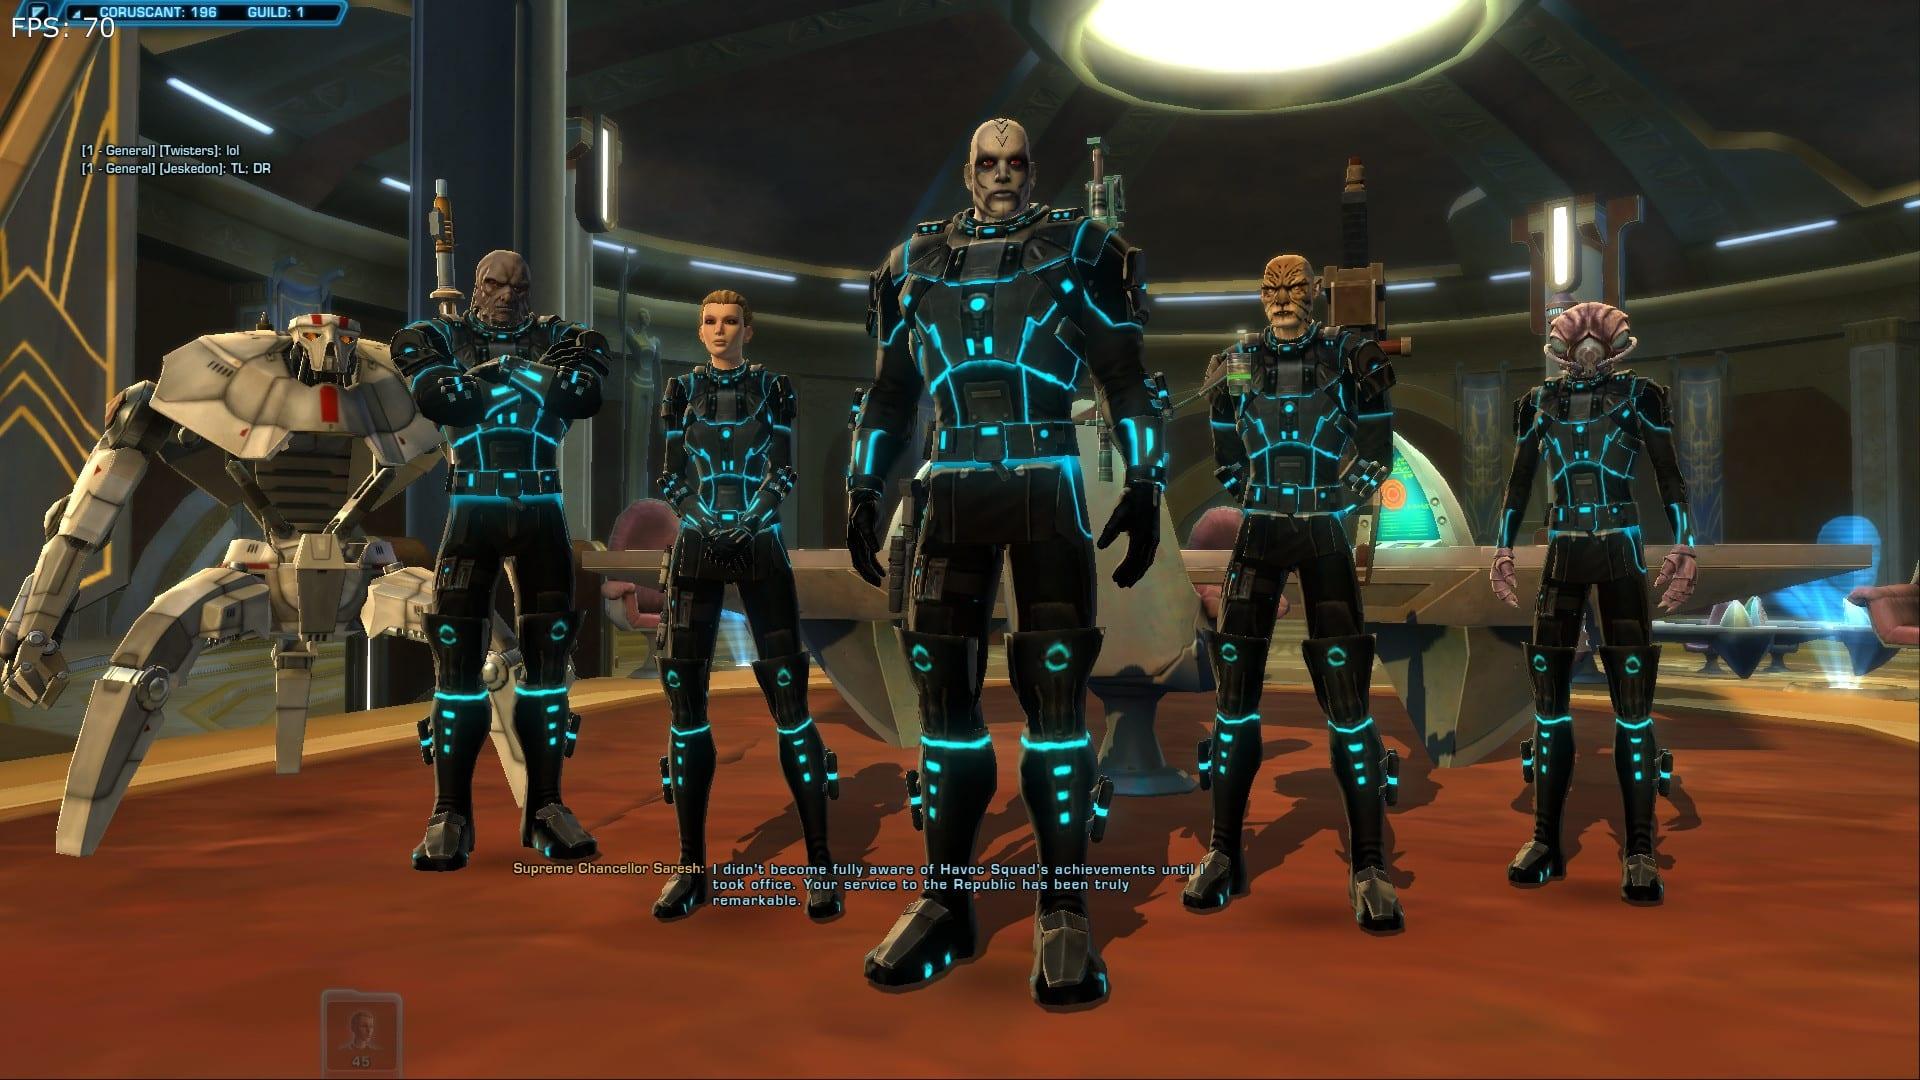 swtor armor dye